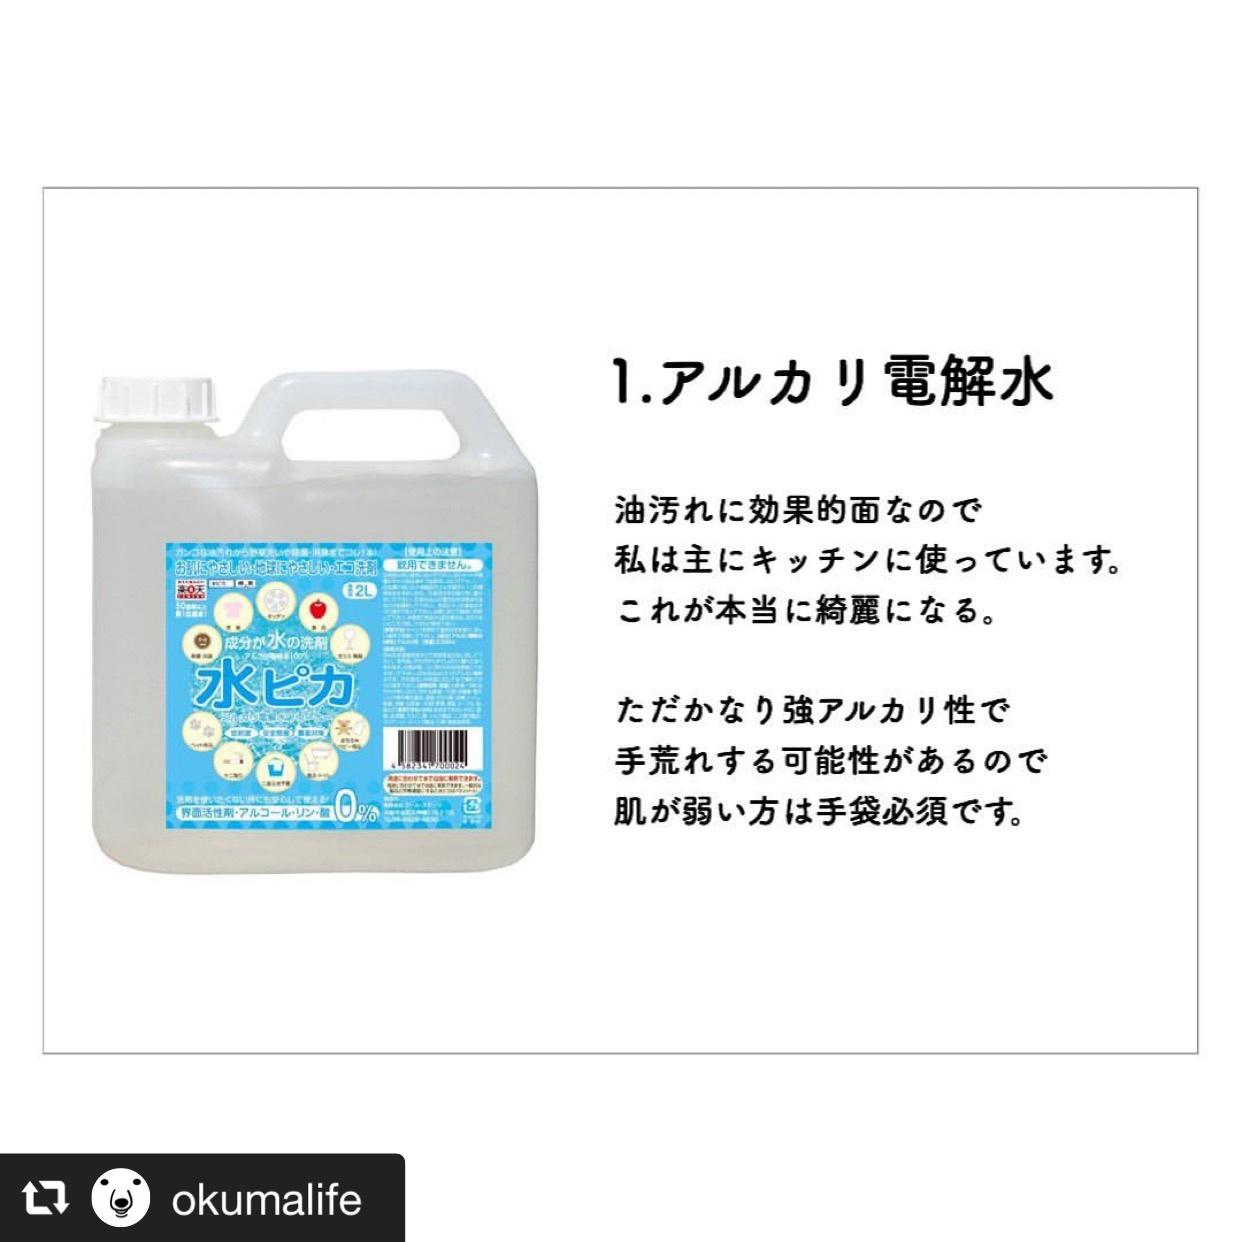 機能性で選ぶお掃除洗剤6選 画像1